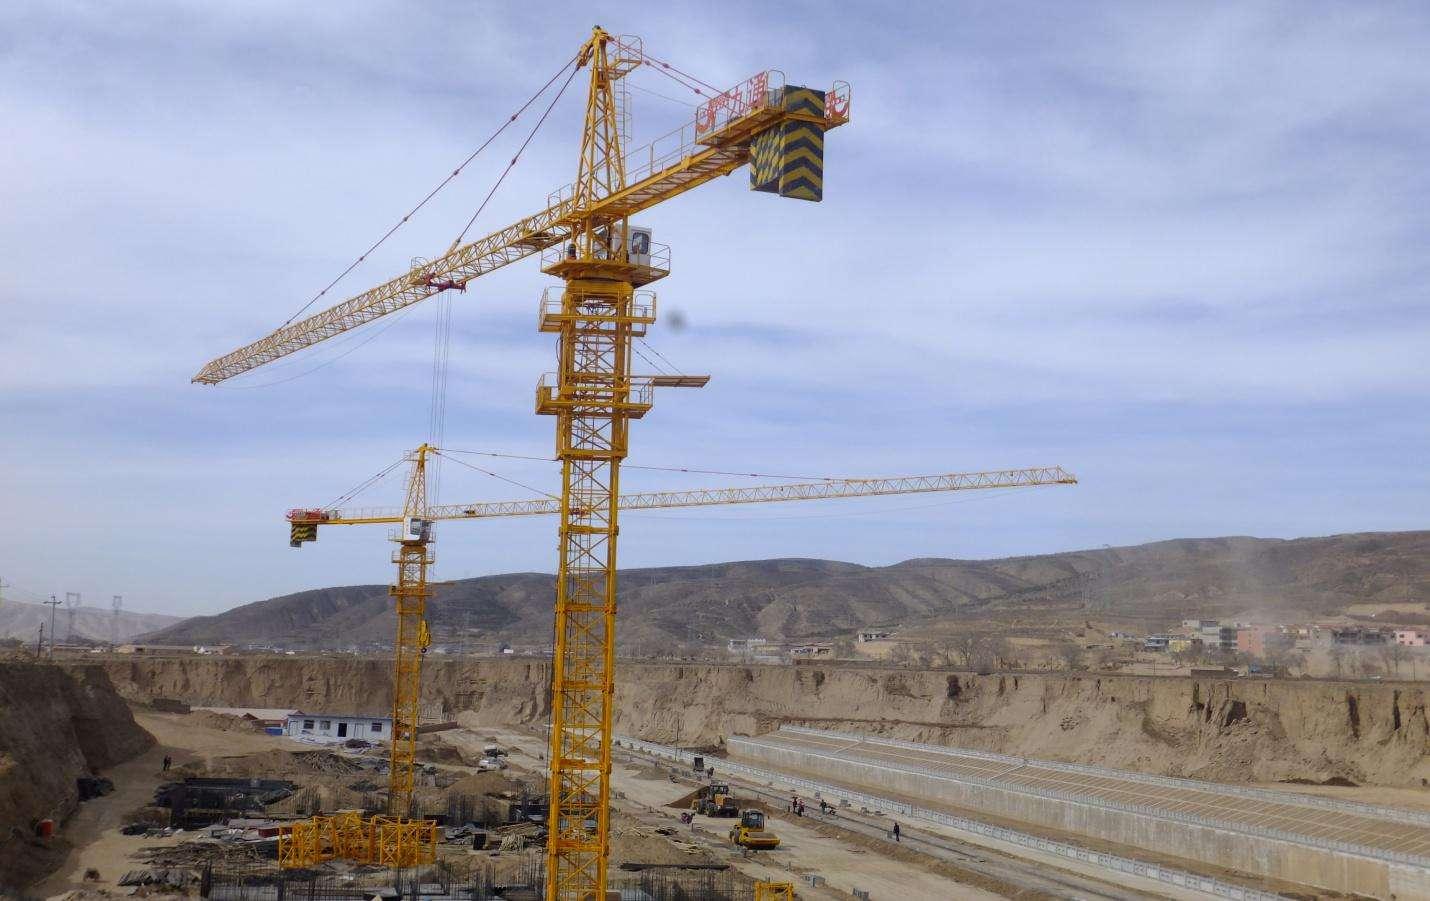 三名工人被困35米高塔吊 消防无人机投送食品救援